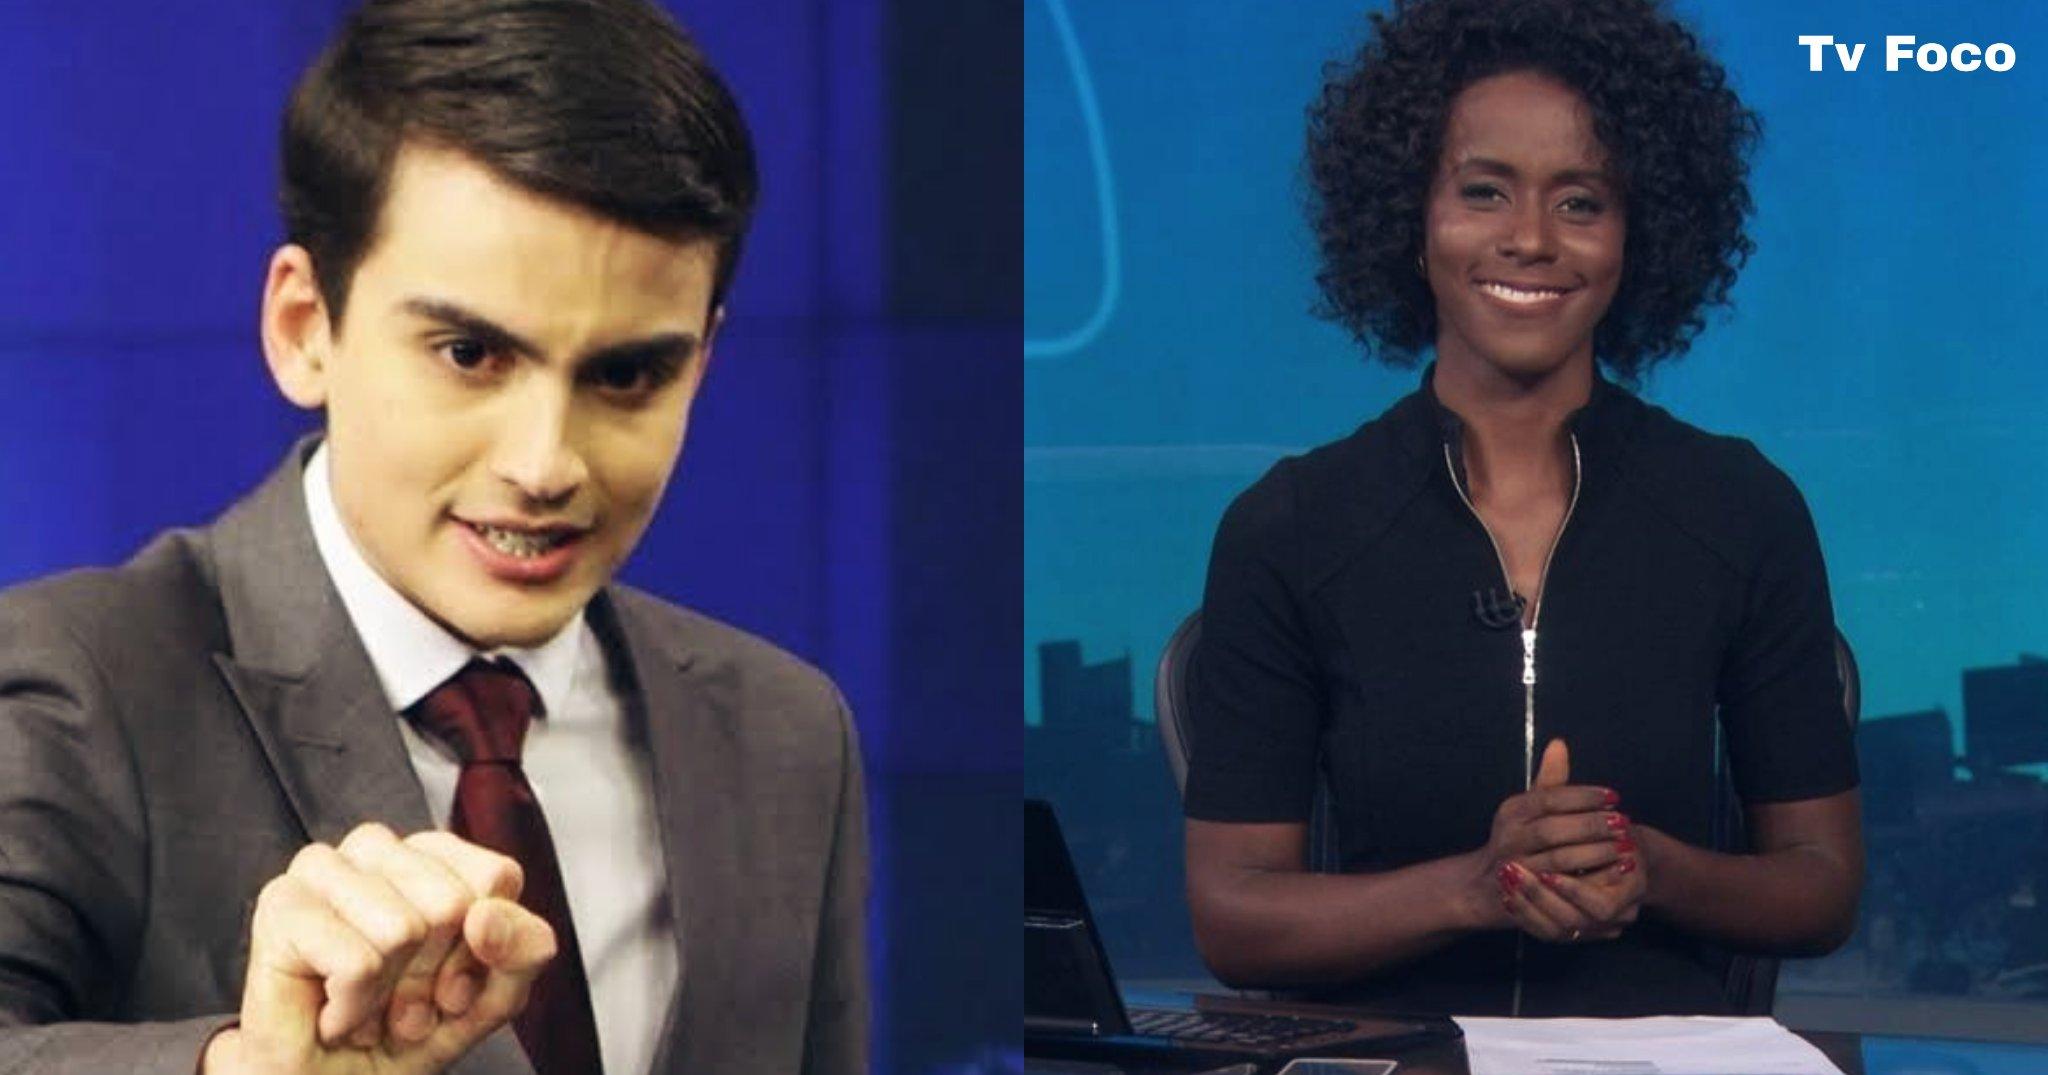 Dudu Camargo comanda o Primeiro Impacto no SBT e Maju marca sua presença na Globo no JN como mulher do tempo e apresentadora